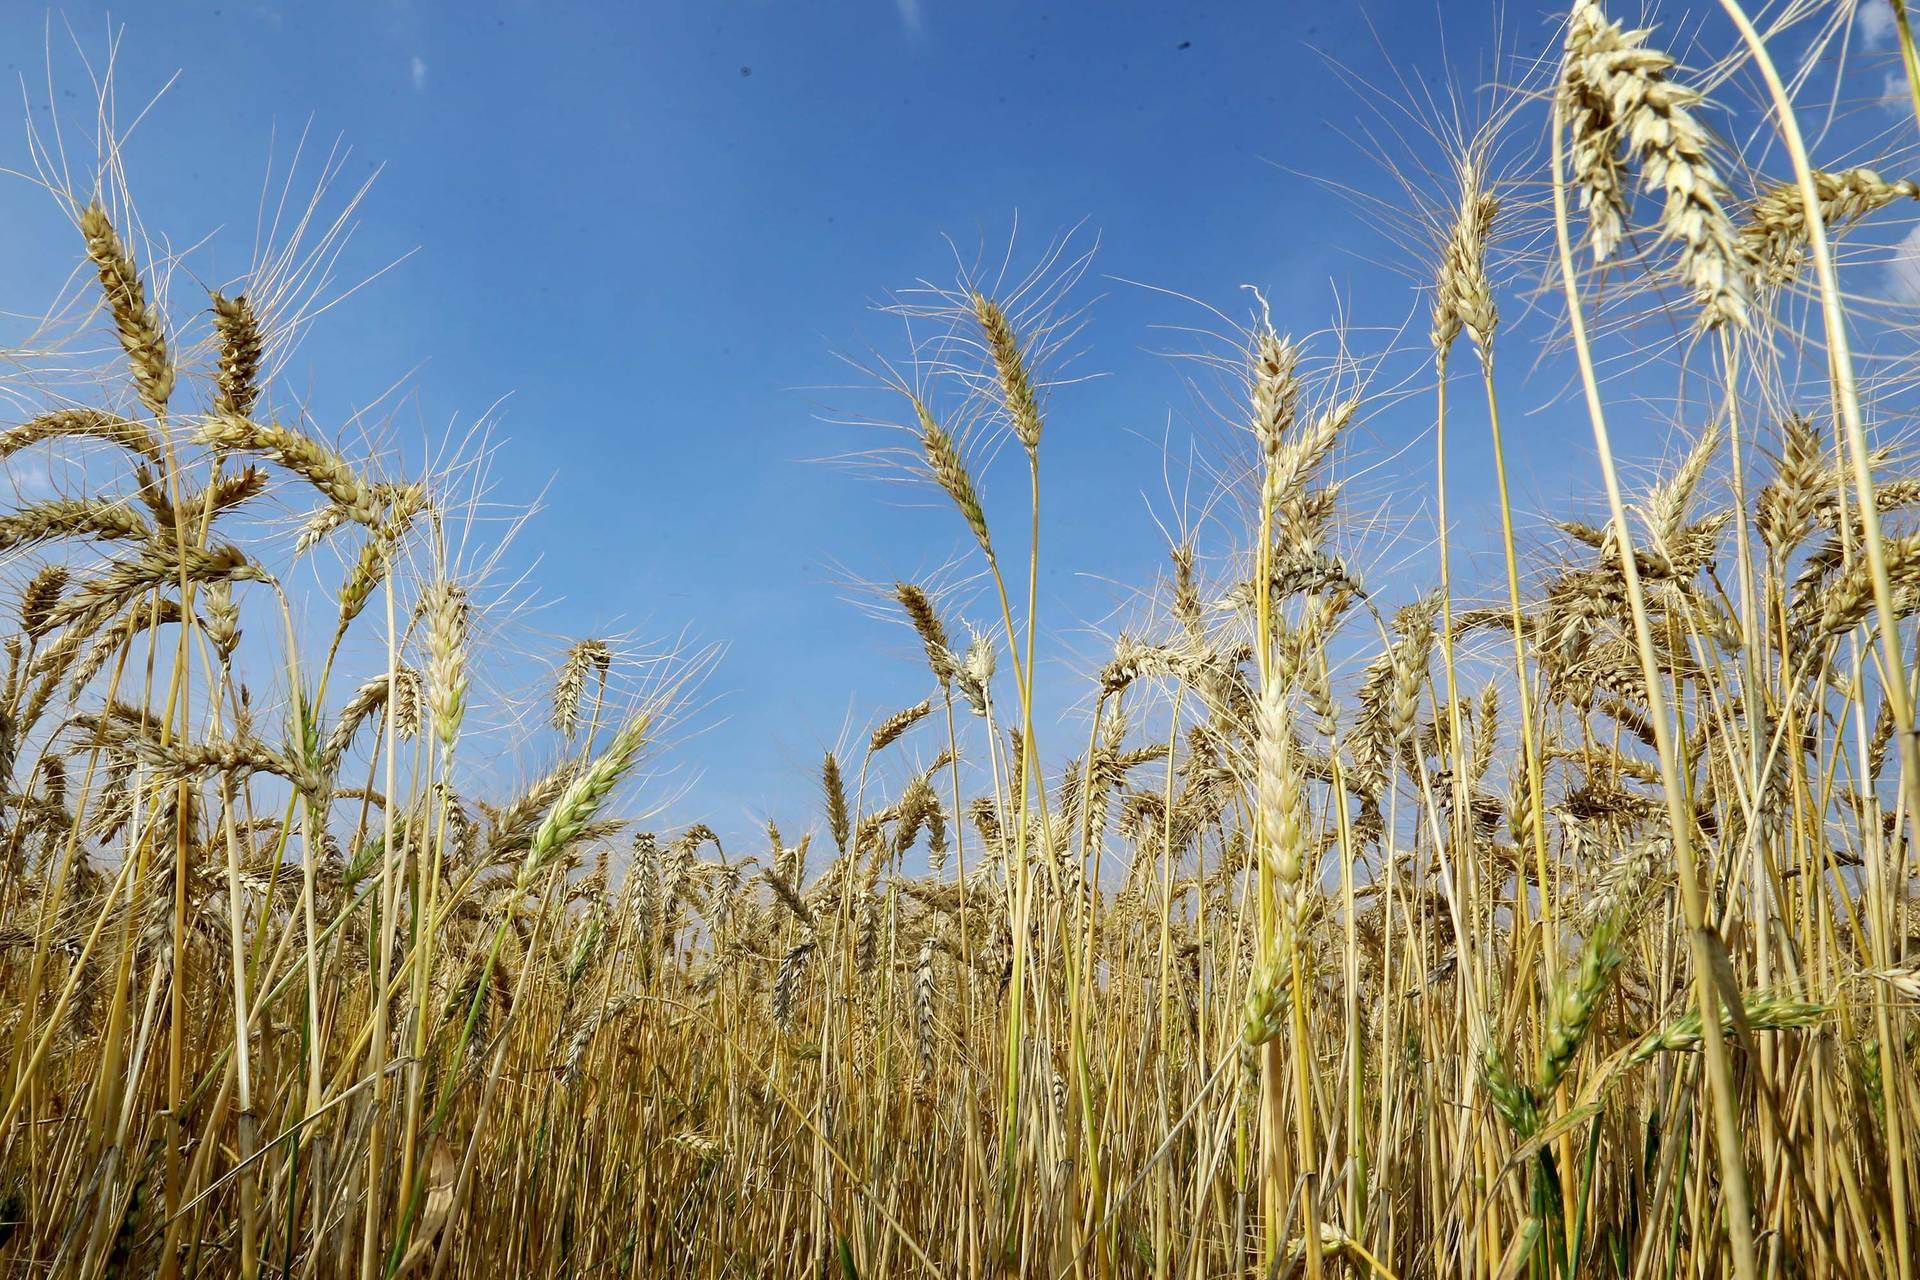 Geadas preocupam produtores de milho, mas podem ajudar aclimatação do trigo